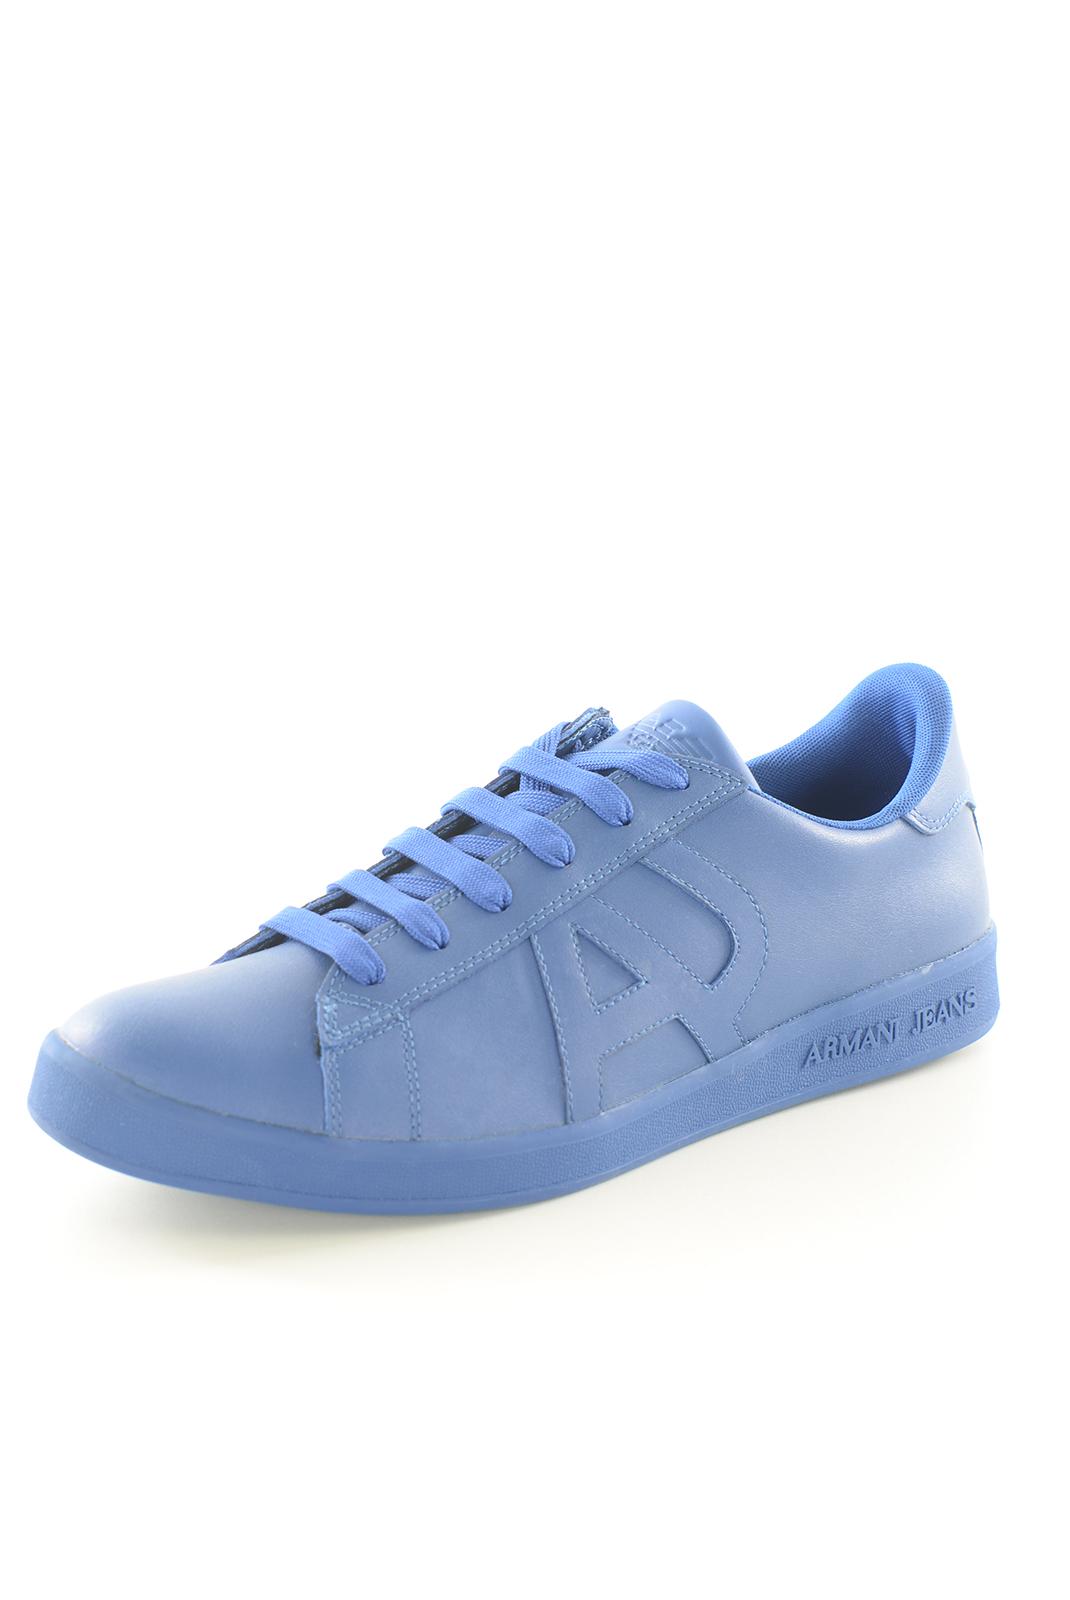 5 06565 Bleu Homme Yo Jeans Chaussures Armani 8zq7WR